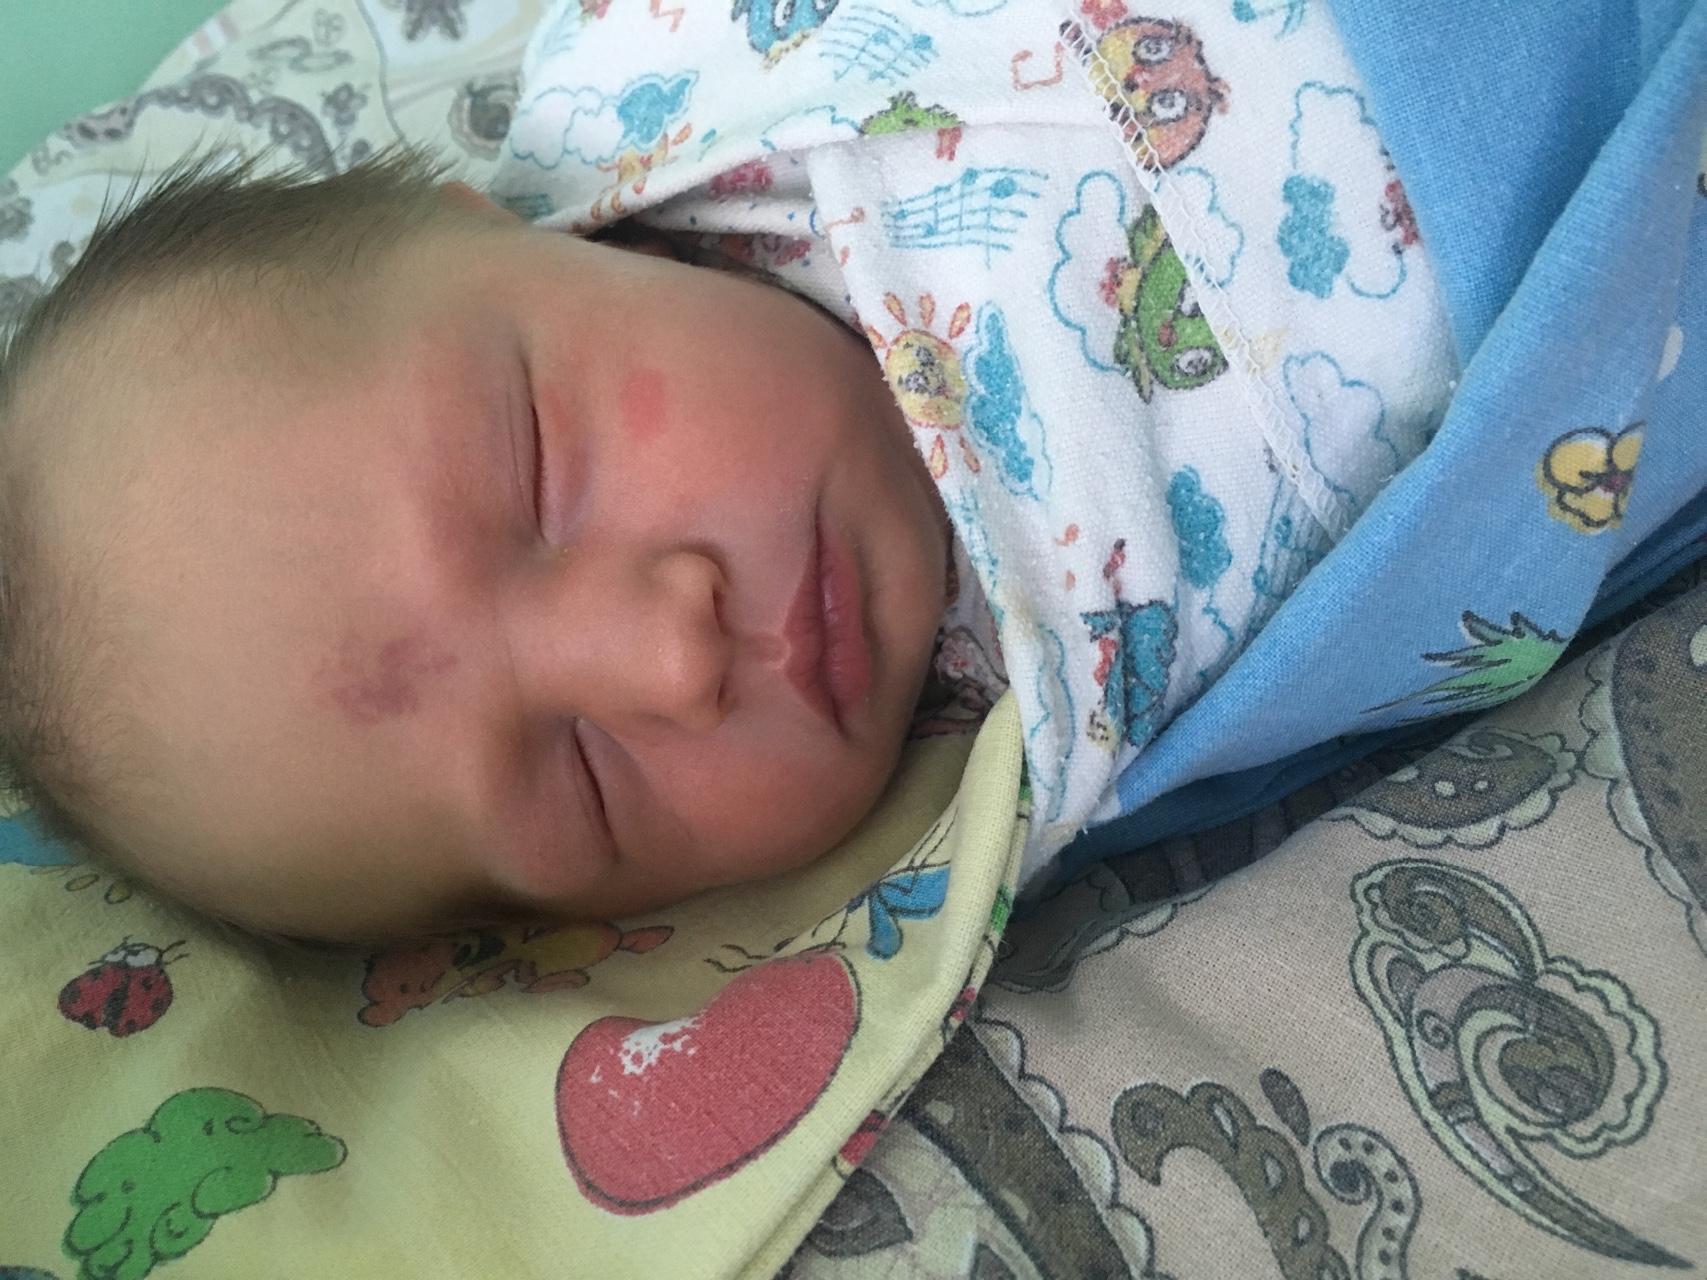 Родимые пятна у новорожденных: как различаются и чем опасны? - новорожденный. ребенок до года